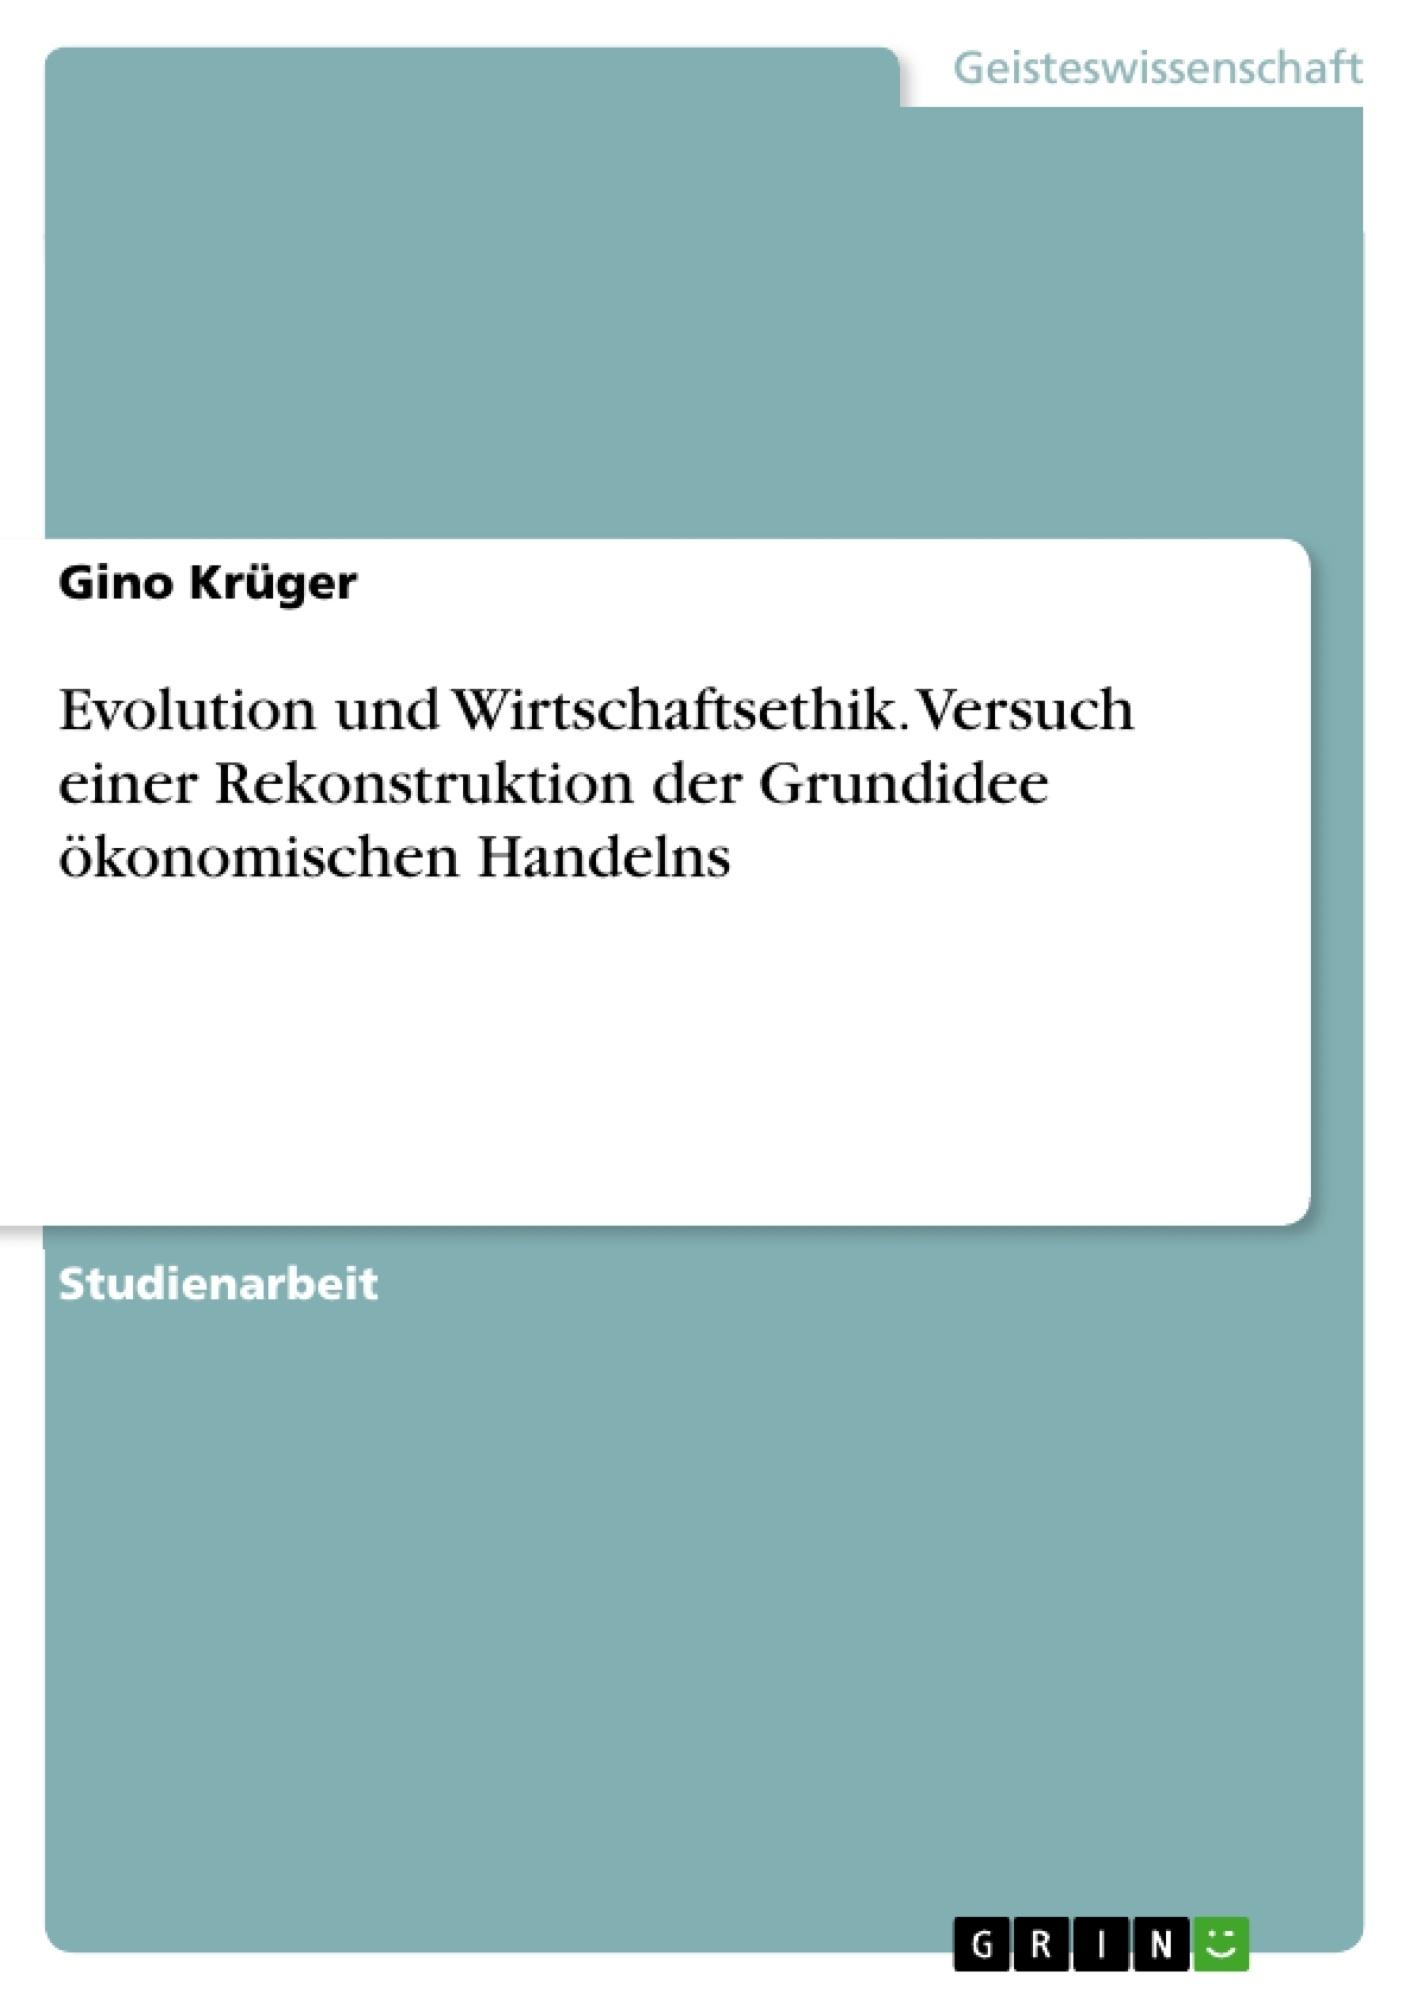 Titel: Evolution und Wirtschaftsethik. Versuch einer Rekonstruktion der Grundidee ökonomischen Handelns